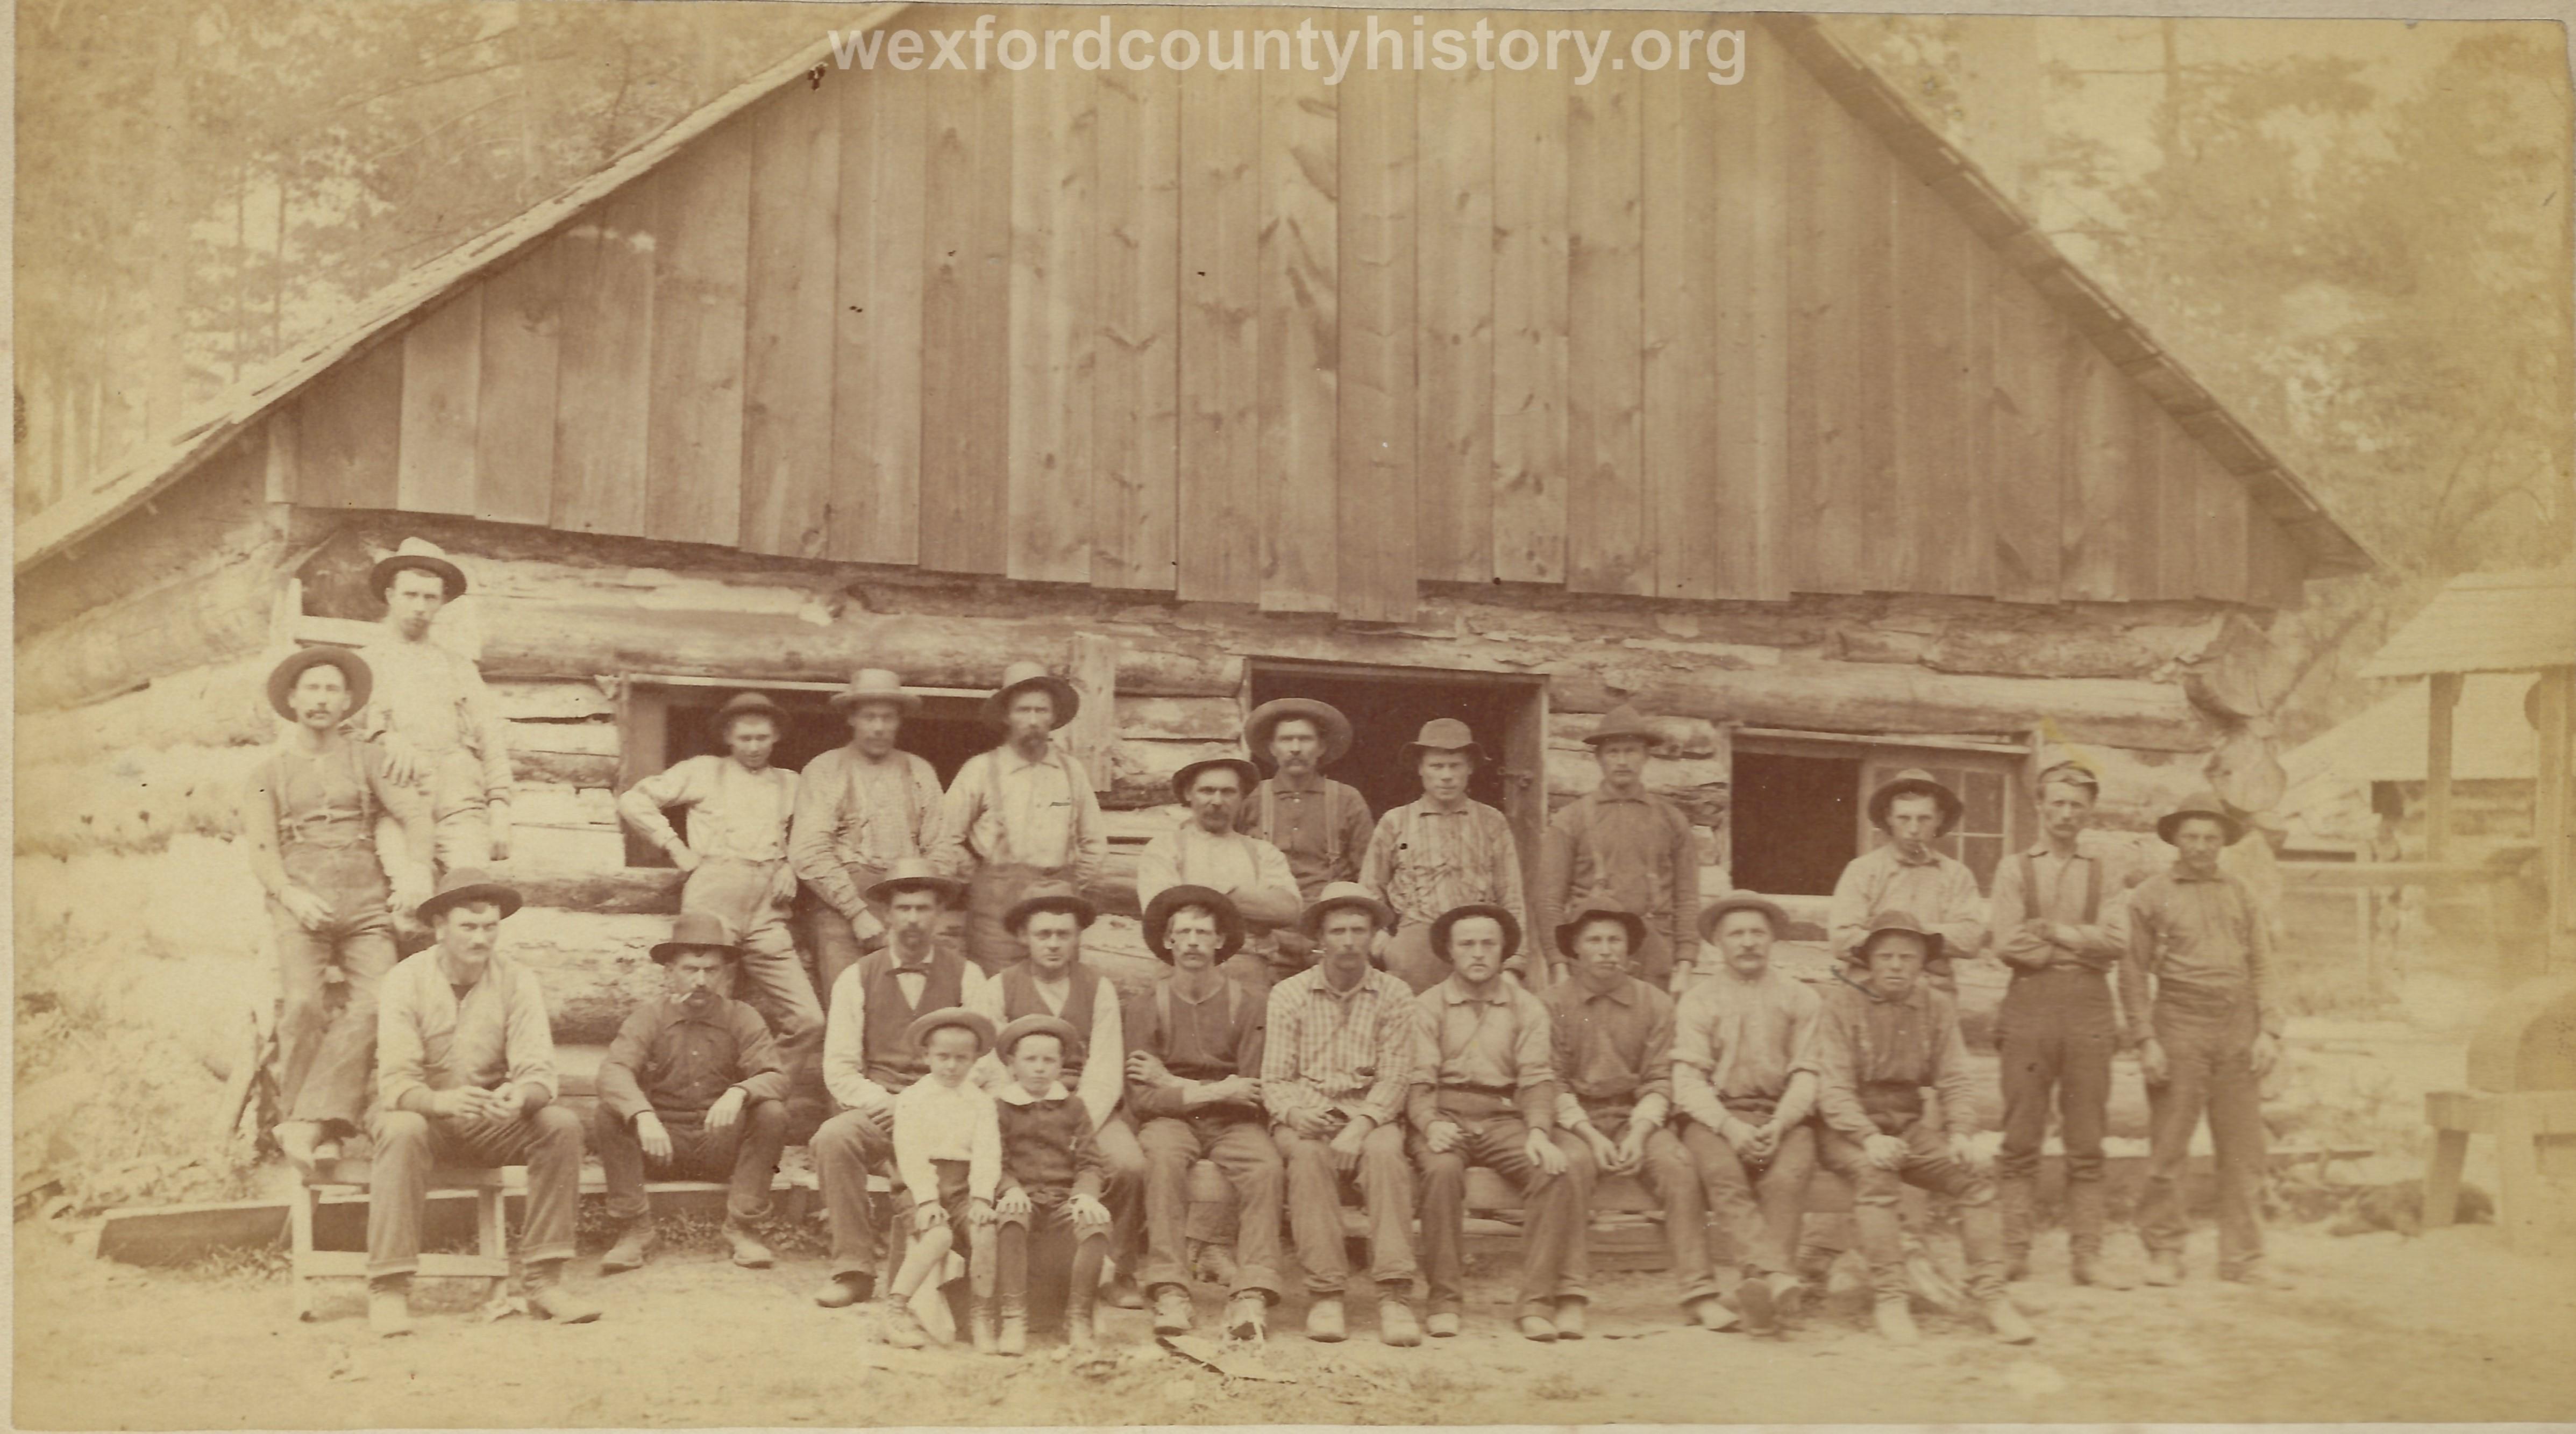 Cadillac-Lumber-Lumberjacks-Posing-In-Front-Of-Camp-Building-1